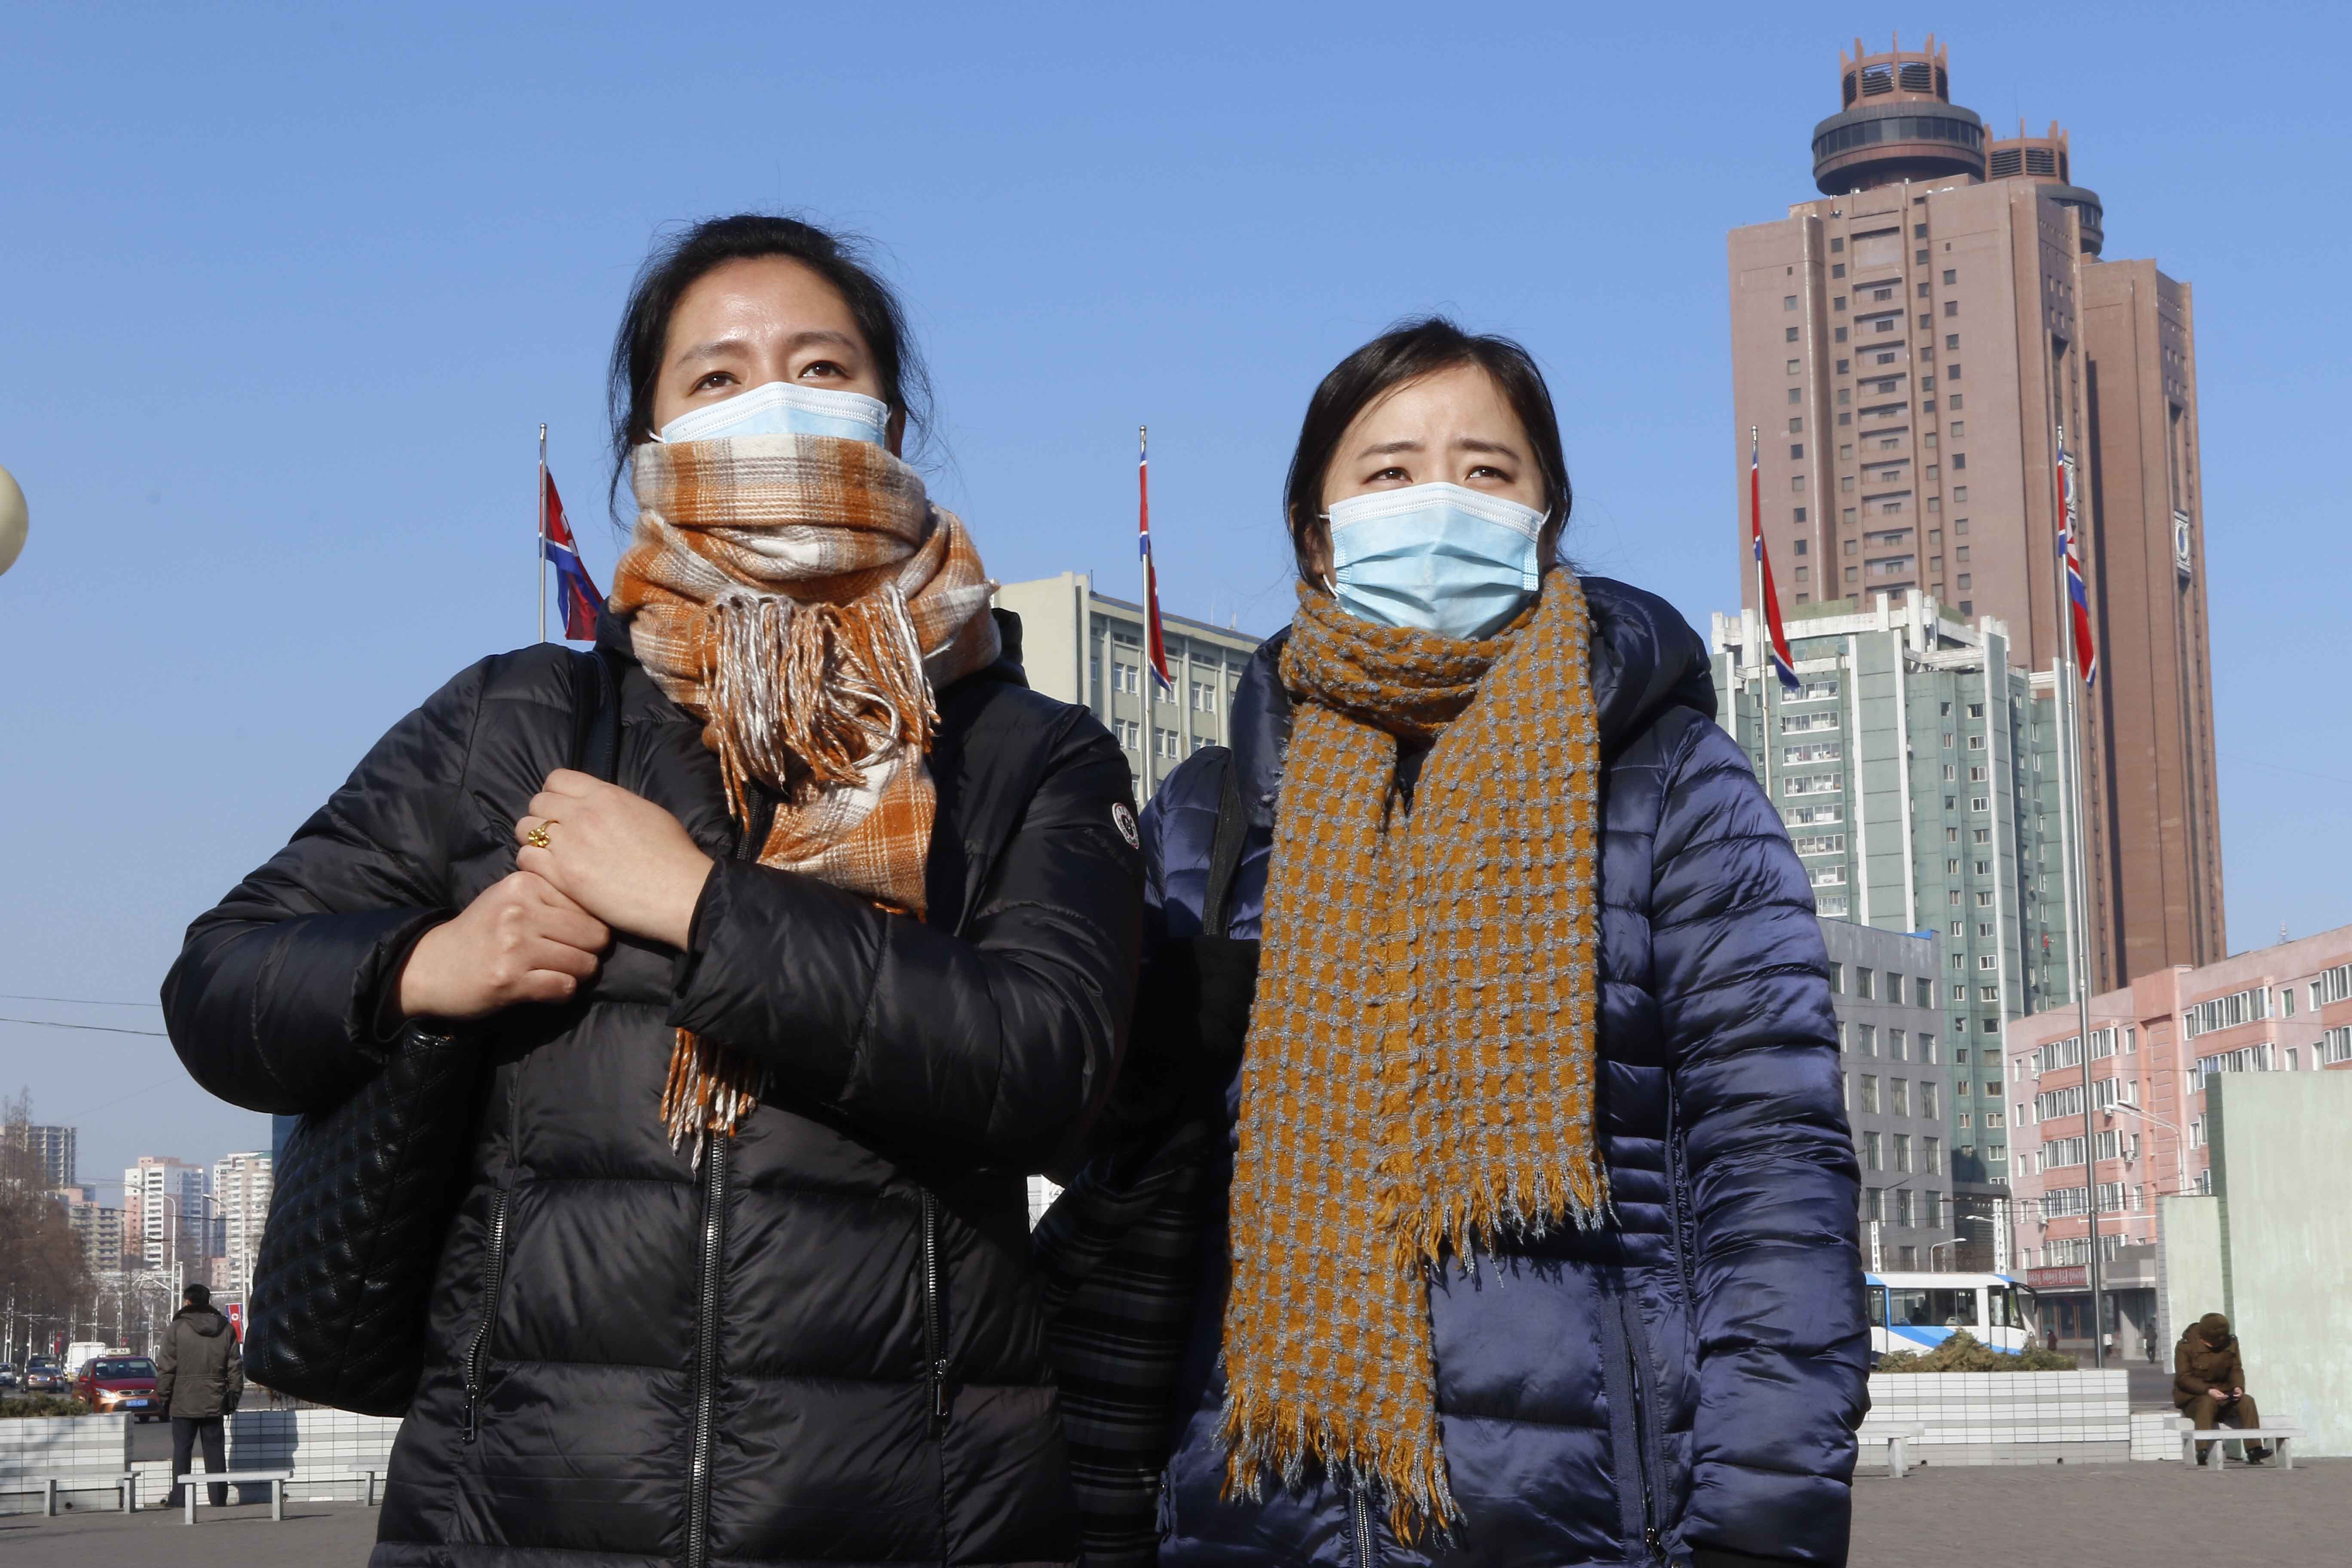 ▲▼近期北韓官媒不斷透過報導嚴格規範居民語言使用習慣、穿著、化妝等。(圖/達志影像/美聯社)